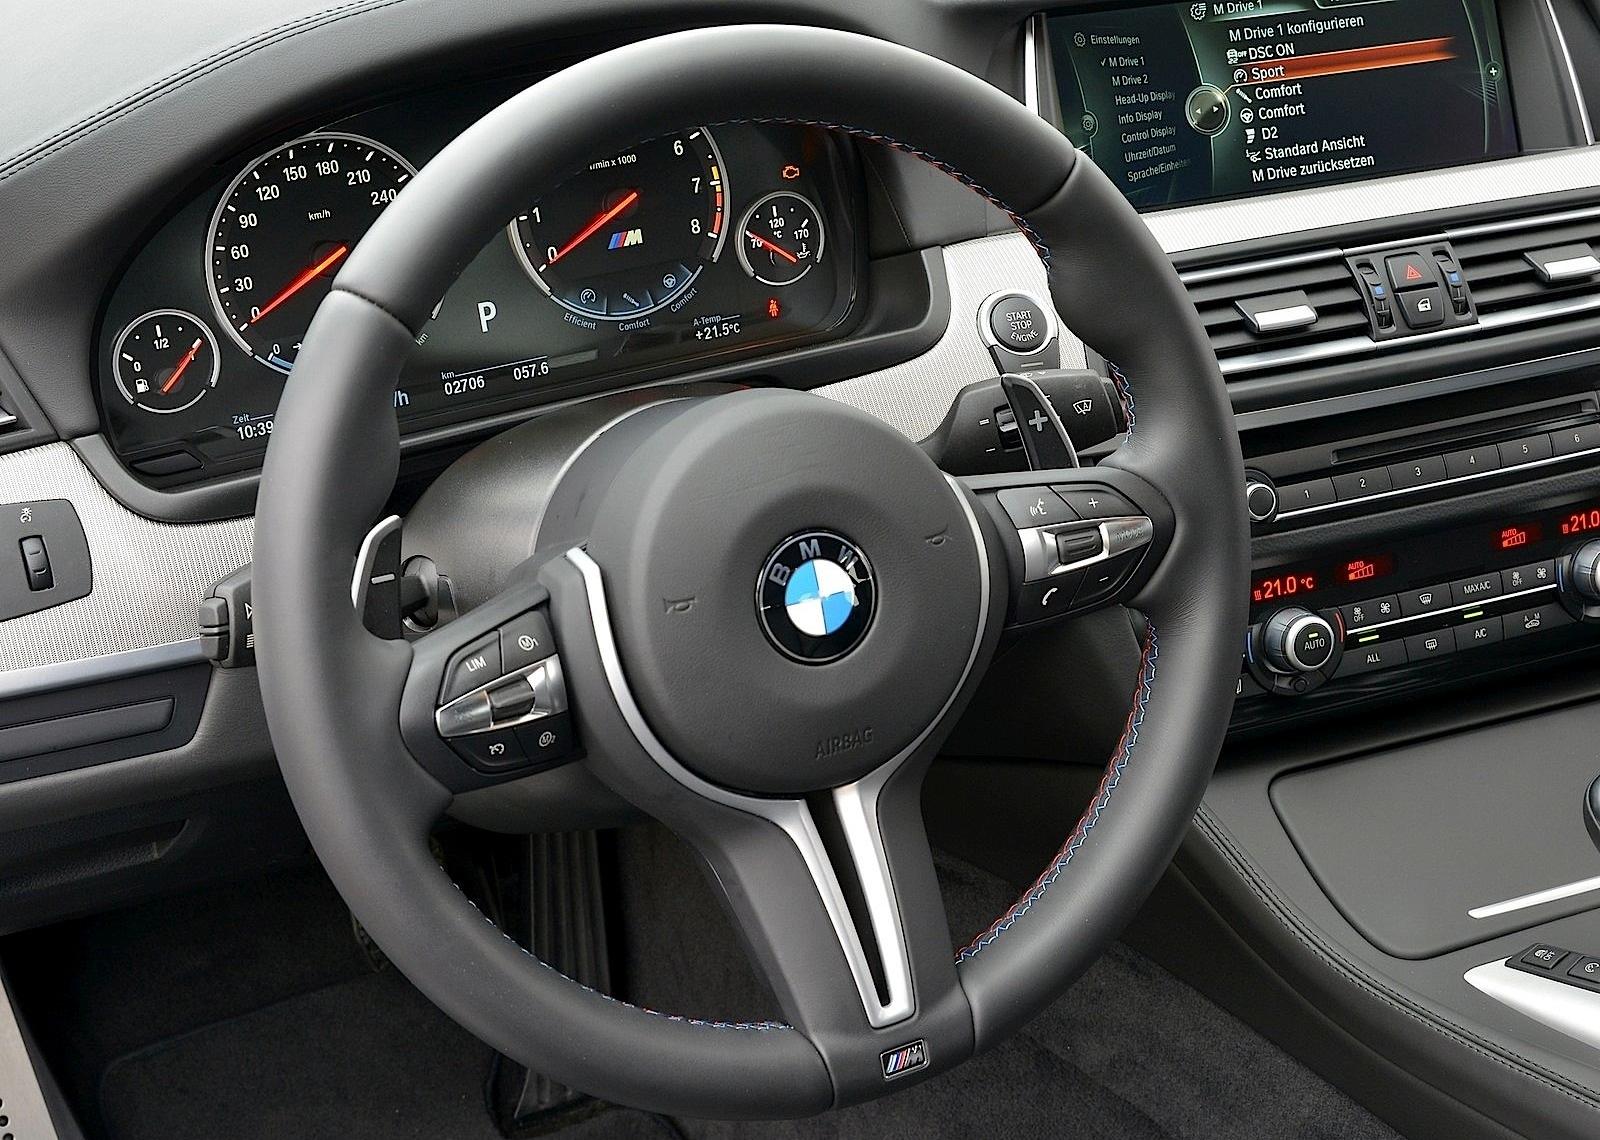 Wie der zivilere bmw x3 haben auch der x3 m und der x3 m competition im sommer 2021 ein facelift erhalten. BMW M5 (F10) LCI specs & photos - 2013, 2014, 2015, 2016